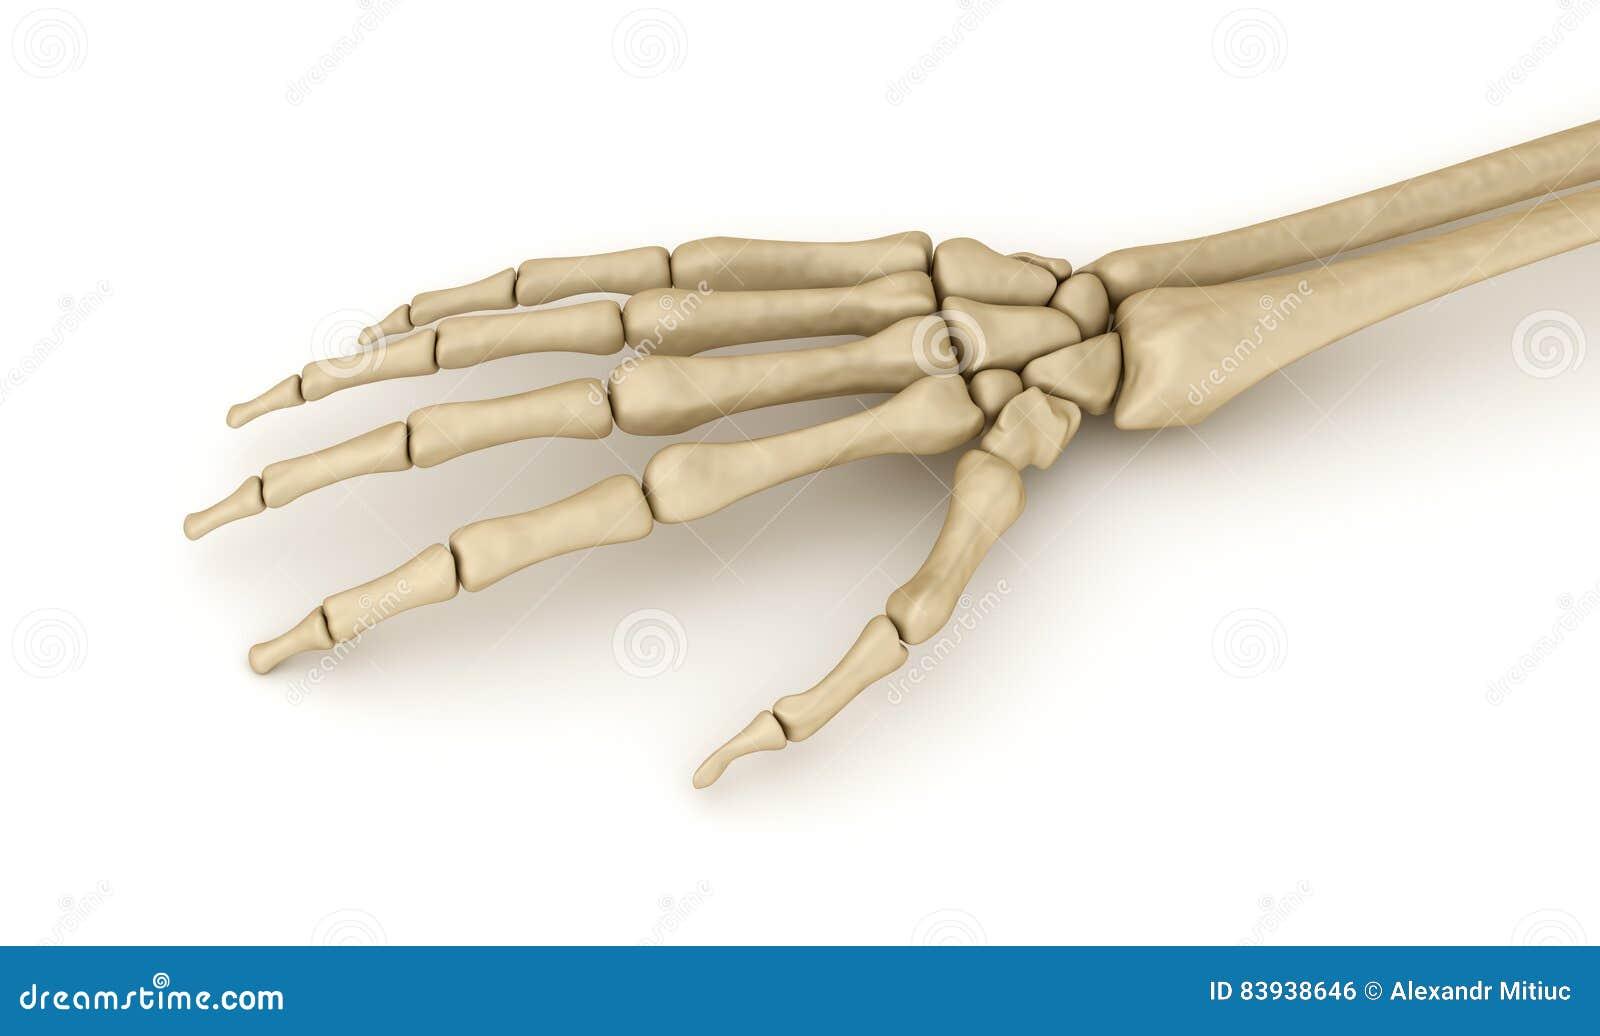 Menselijke pols skeletachtige anatomie